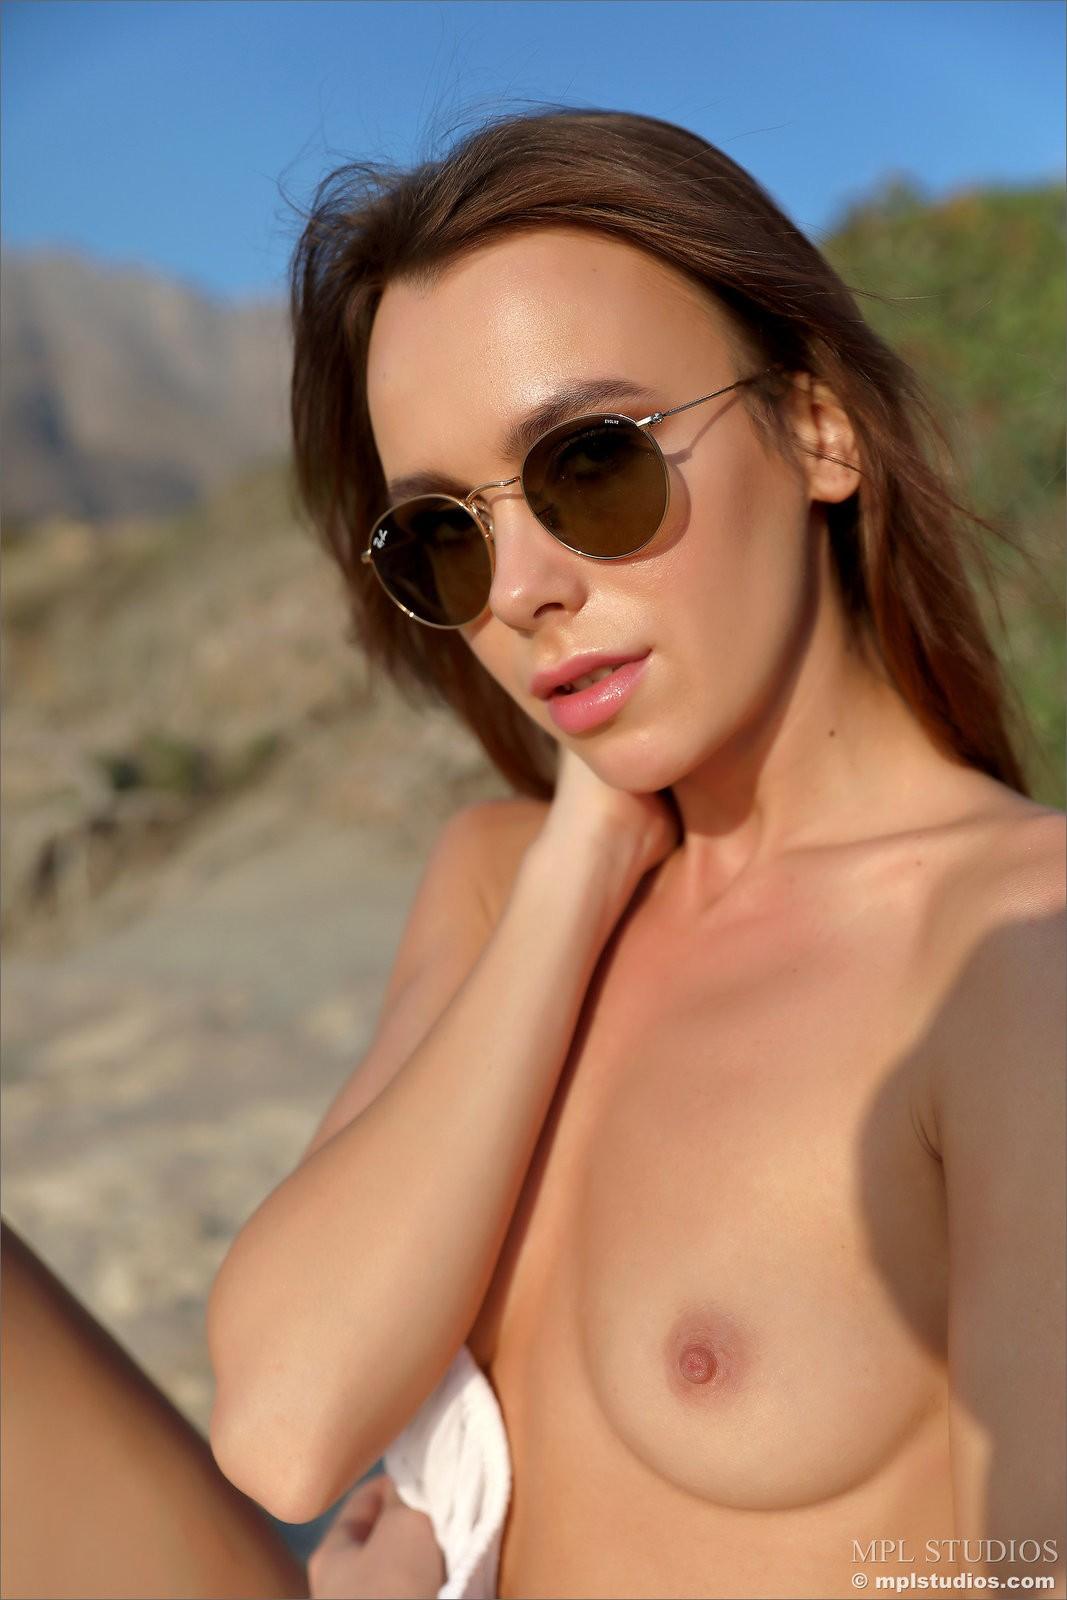 Стройная девушка с сексуальной писькой - фото